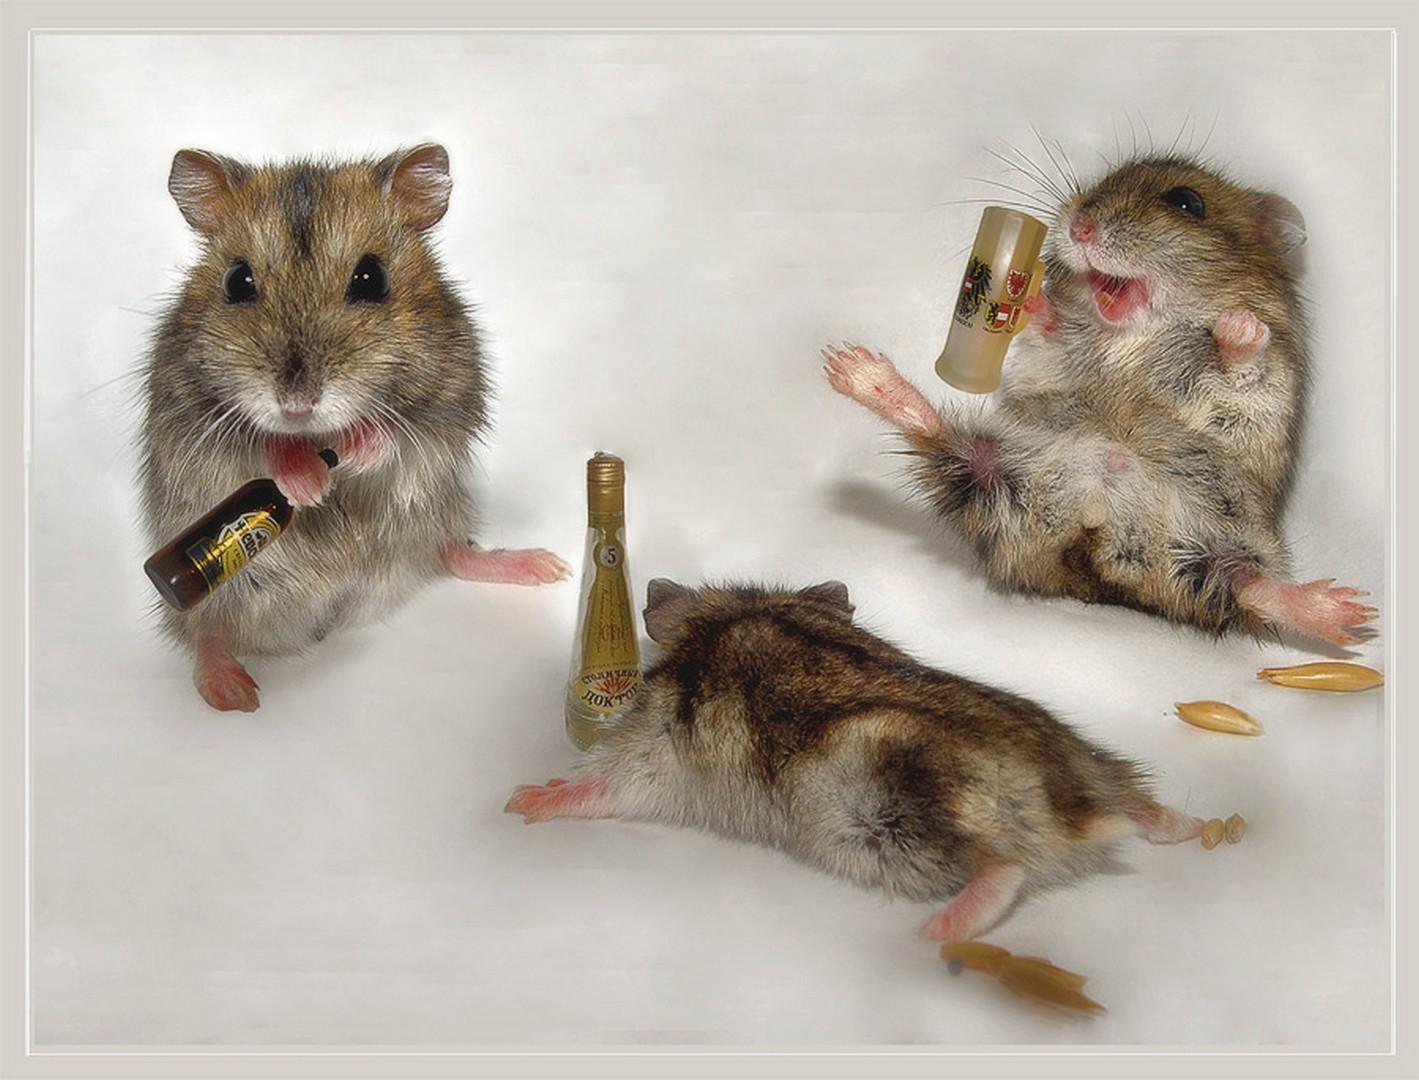 Прикольные картинки с крысами и мышами, день жкх